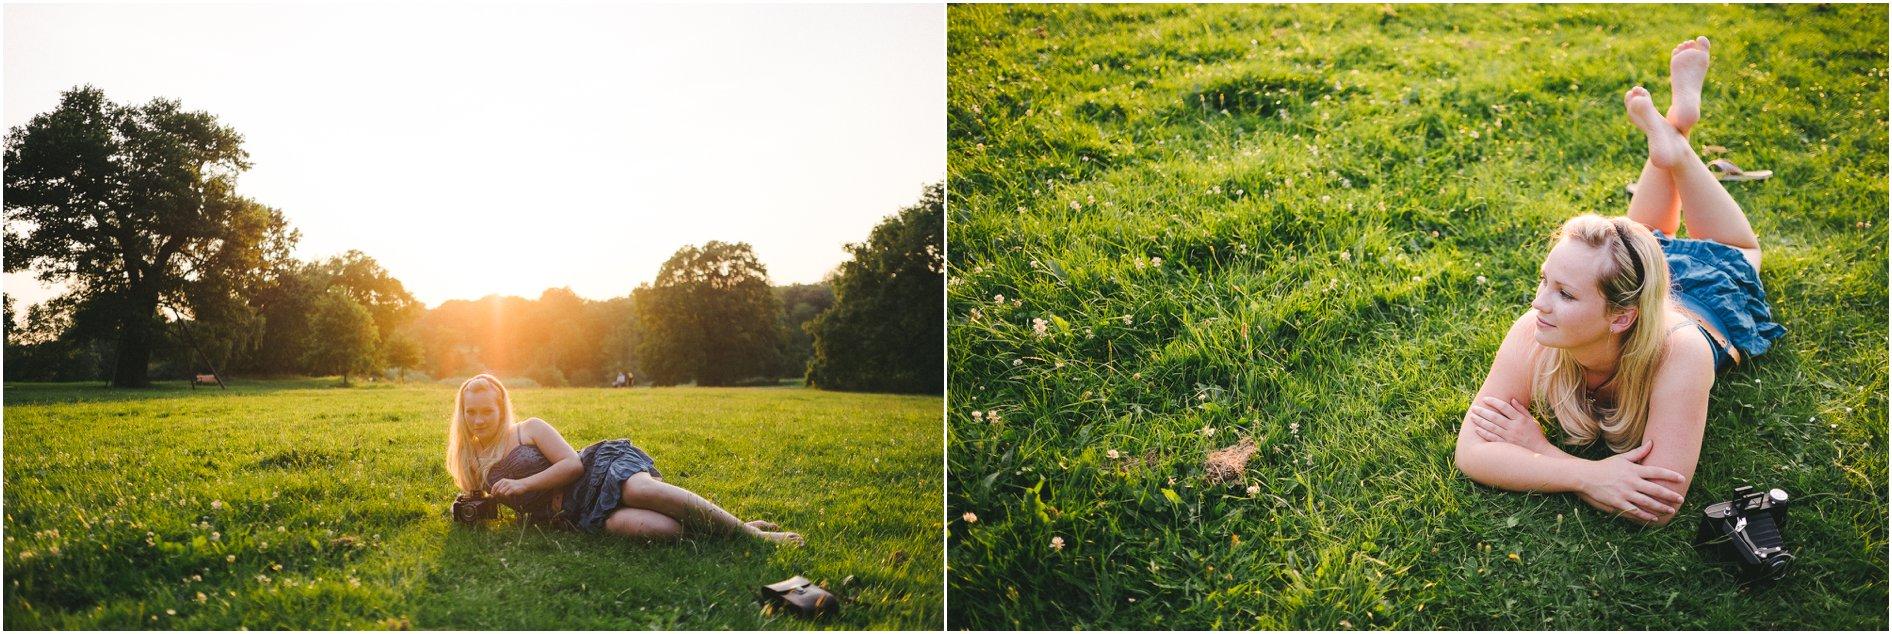 2014-07-19_0015 Ein Sommerabend...